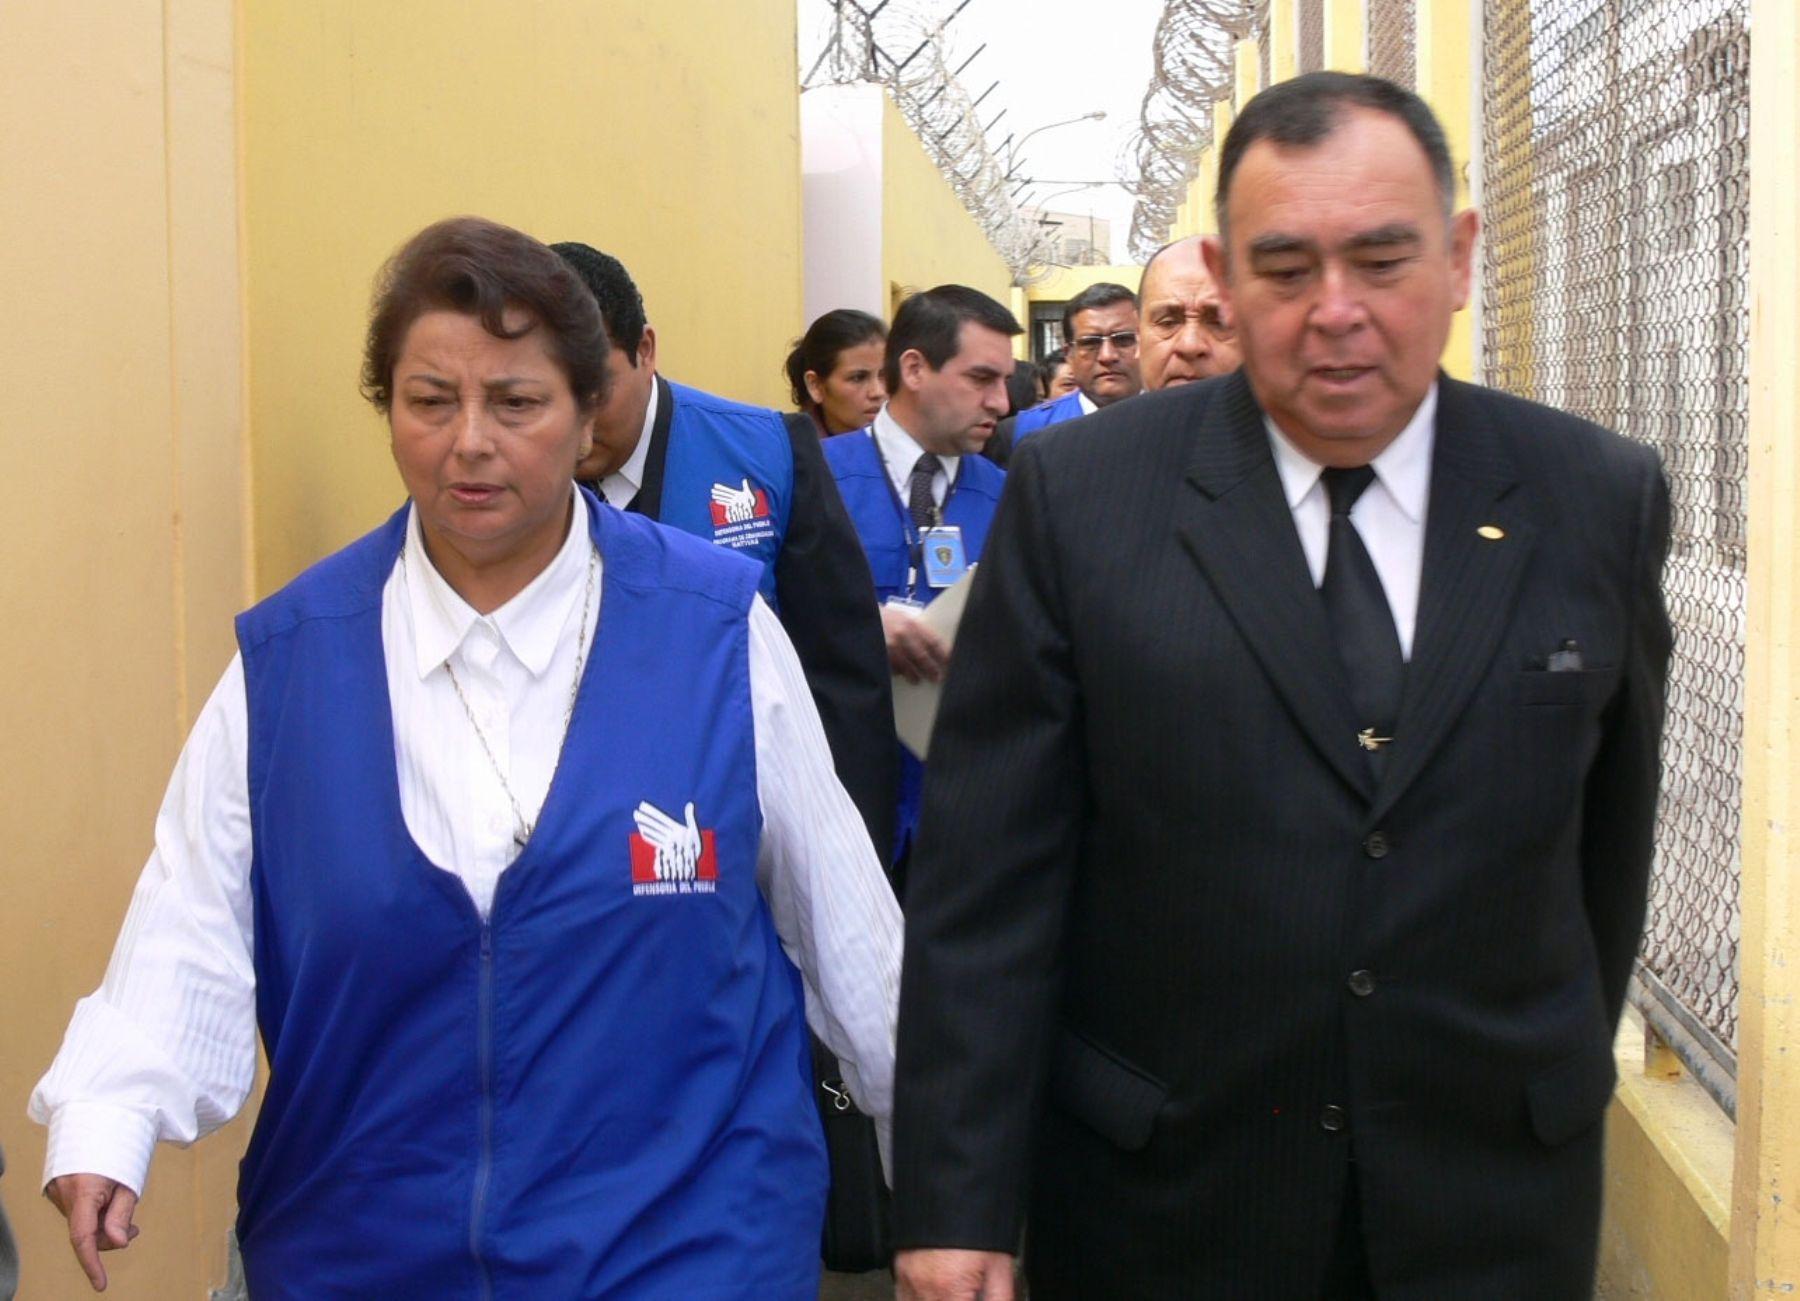 Defensora del Pueblo visita penal Sarita Colonia del Callao junto a presidente del INPE, Rubén Rodríguez Rabanal. Foto: Defensoría del Pueblo